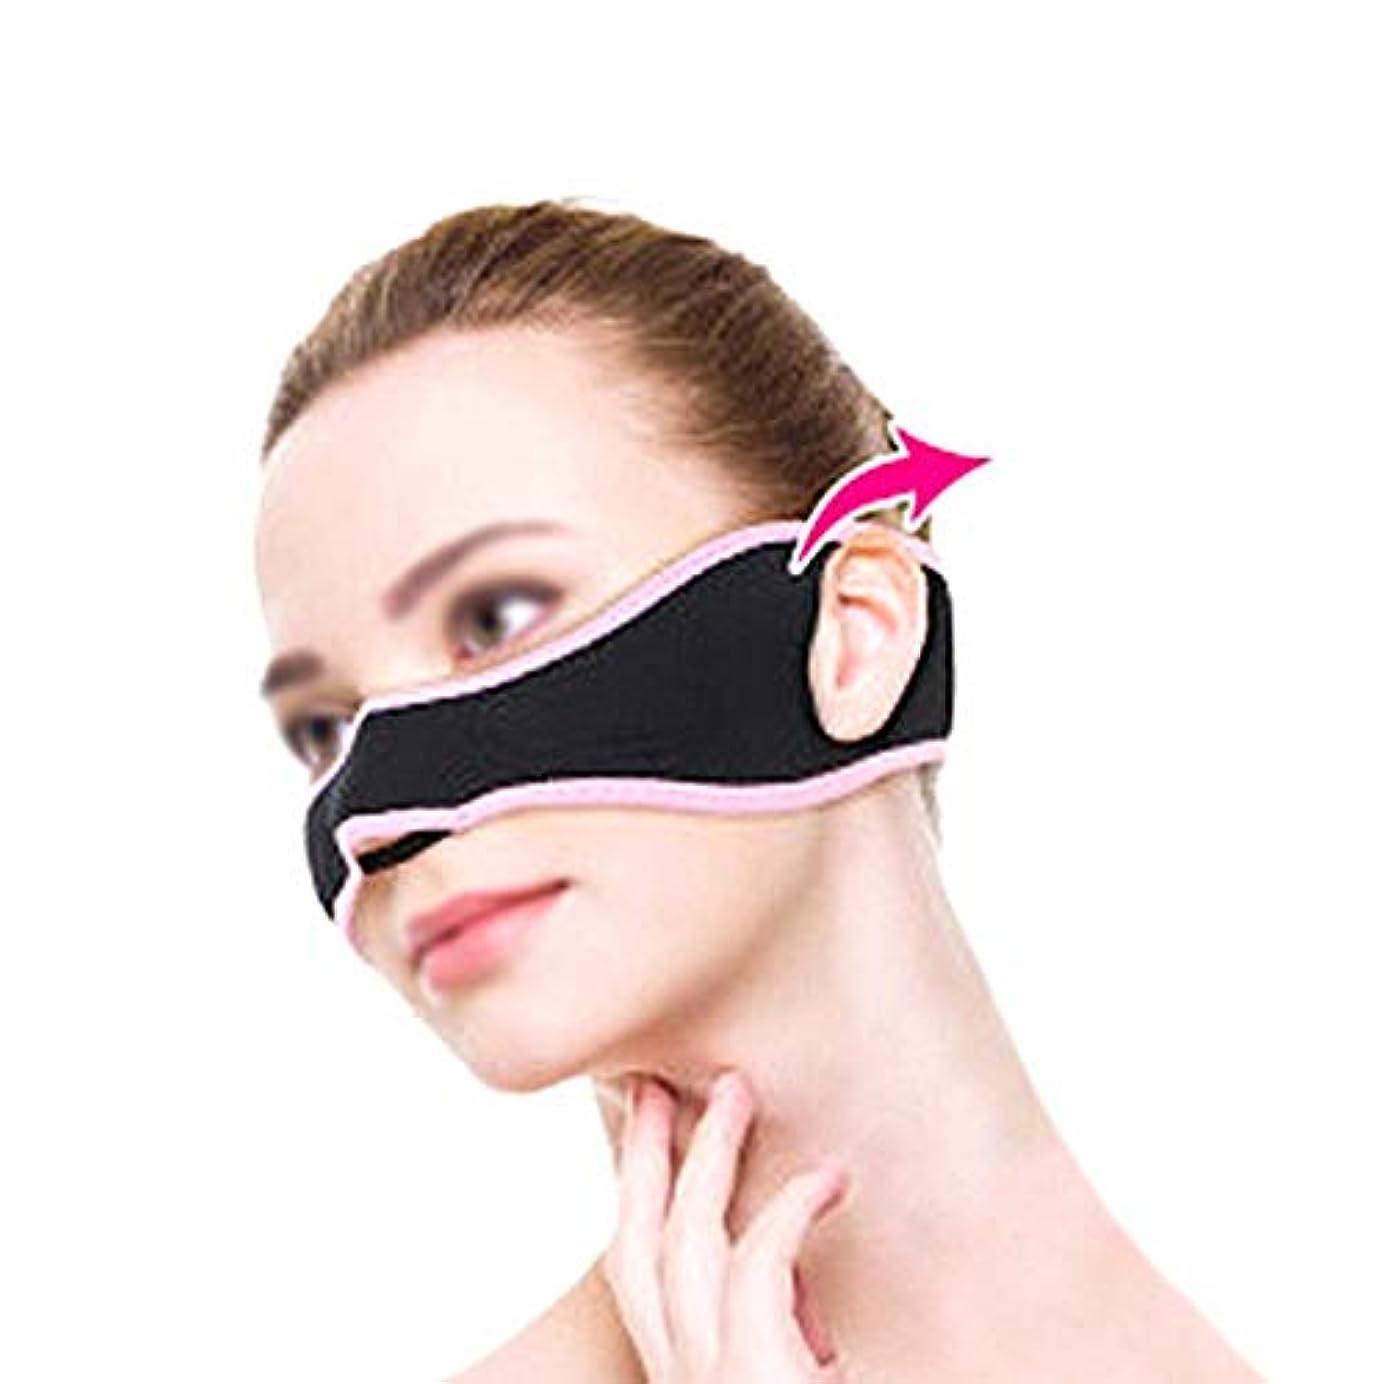 主社会主義逃げるフェイスリフティングマスク、チークリフトアップマスク、薄くて薄い顔、顔の筋肉を引き締めて持ち上げ、持ち運びが簡単で、男性と女性の両方が使用できます